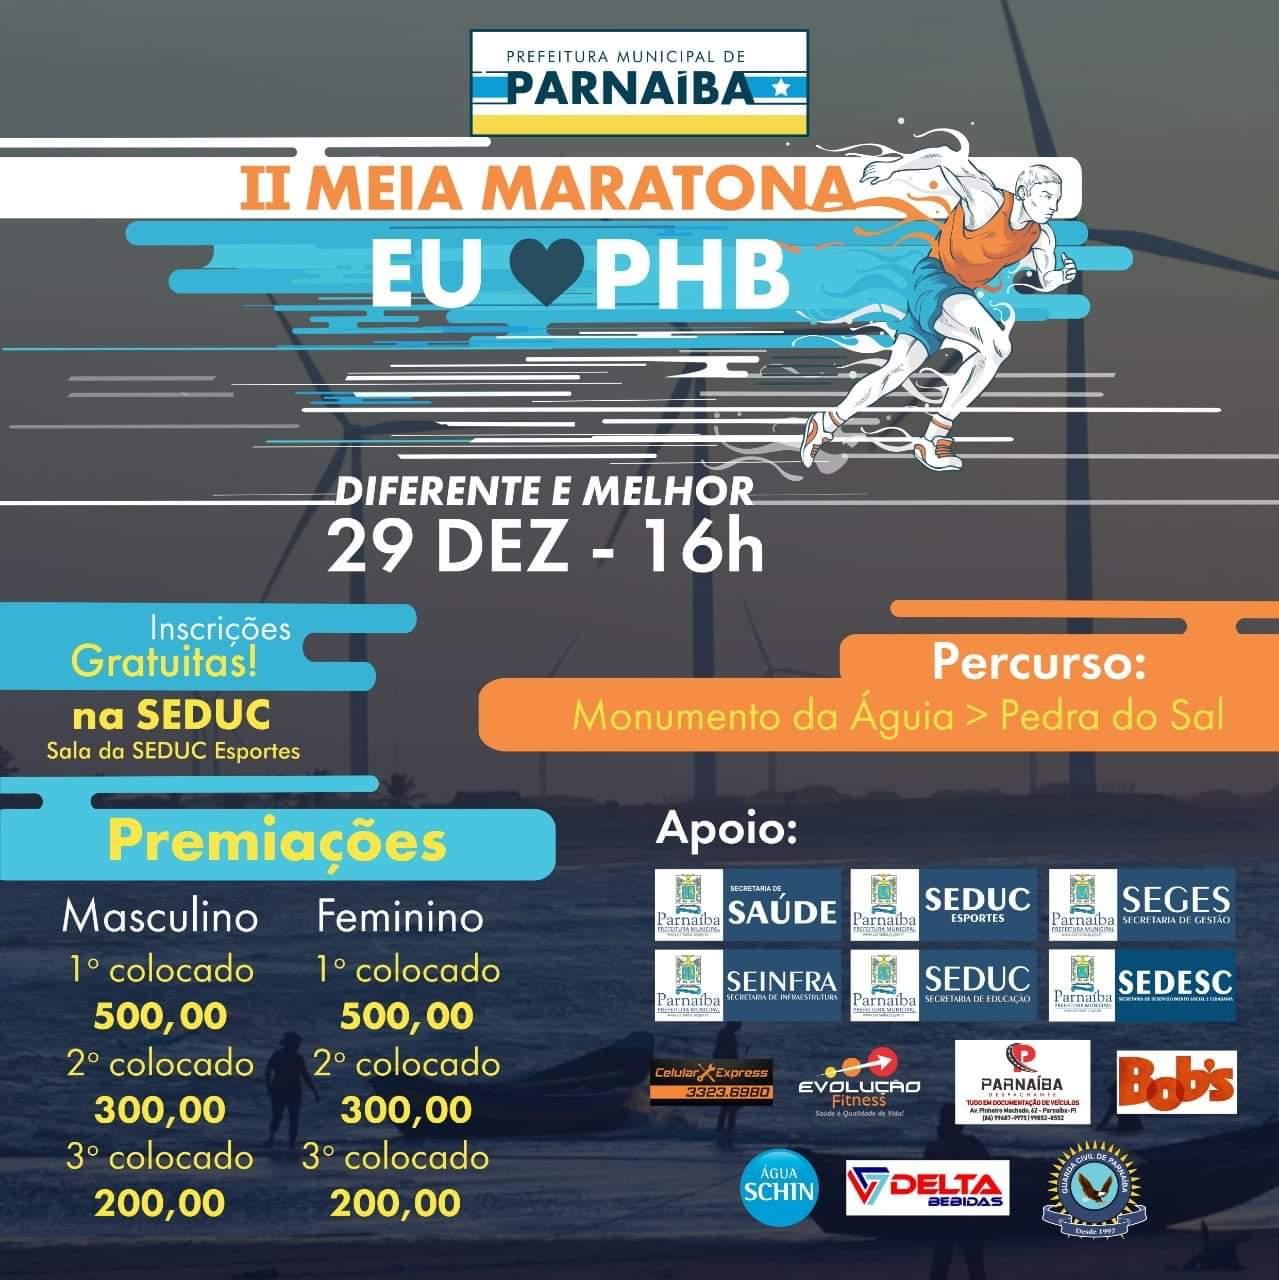 Iniciadas hoje inscrições para a II Meia Maratona promovida pela Prefeitura de Parnaíba